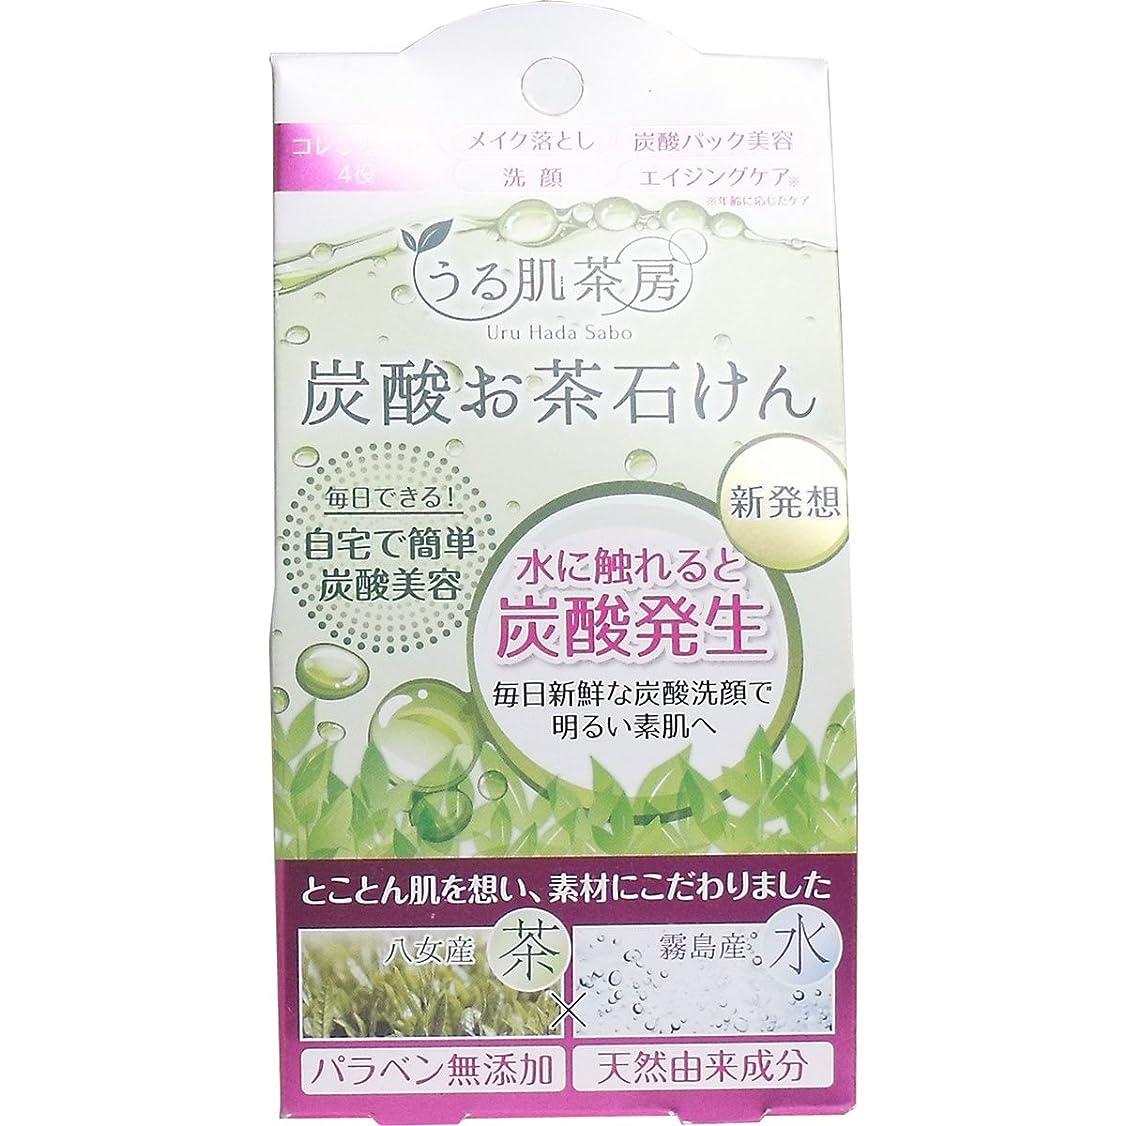 リズミカルな全能しみうる肌茶房 炭酸お茶石鹸 (スパークリングソープ)